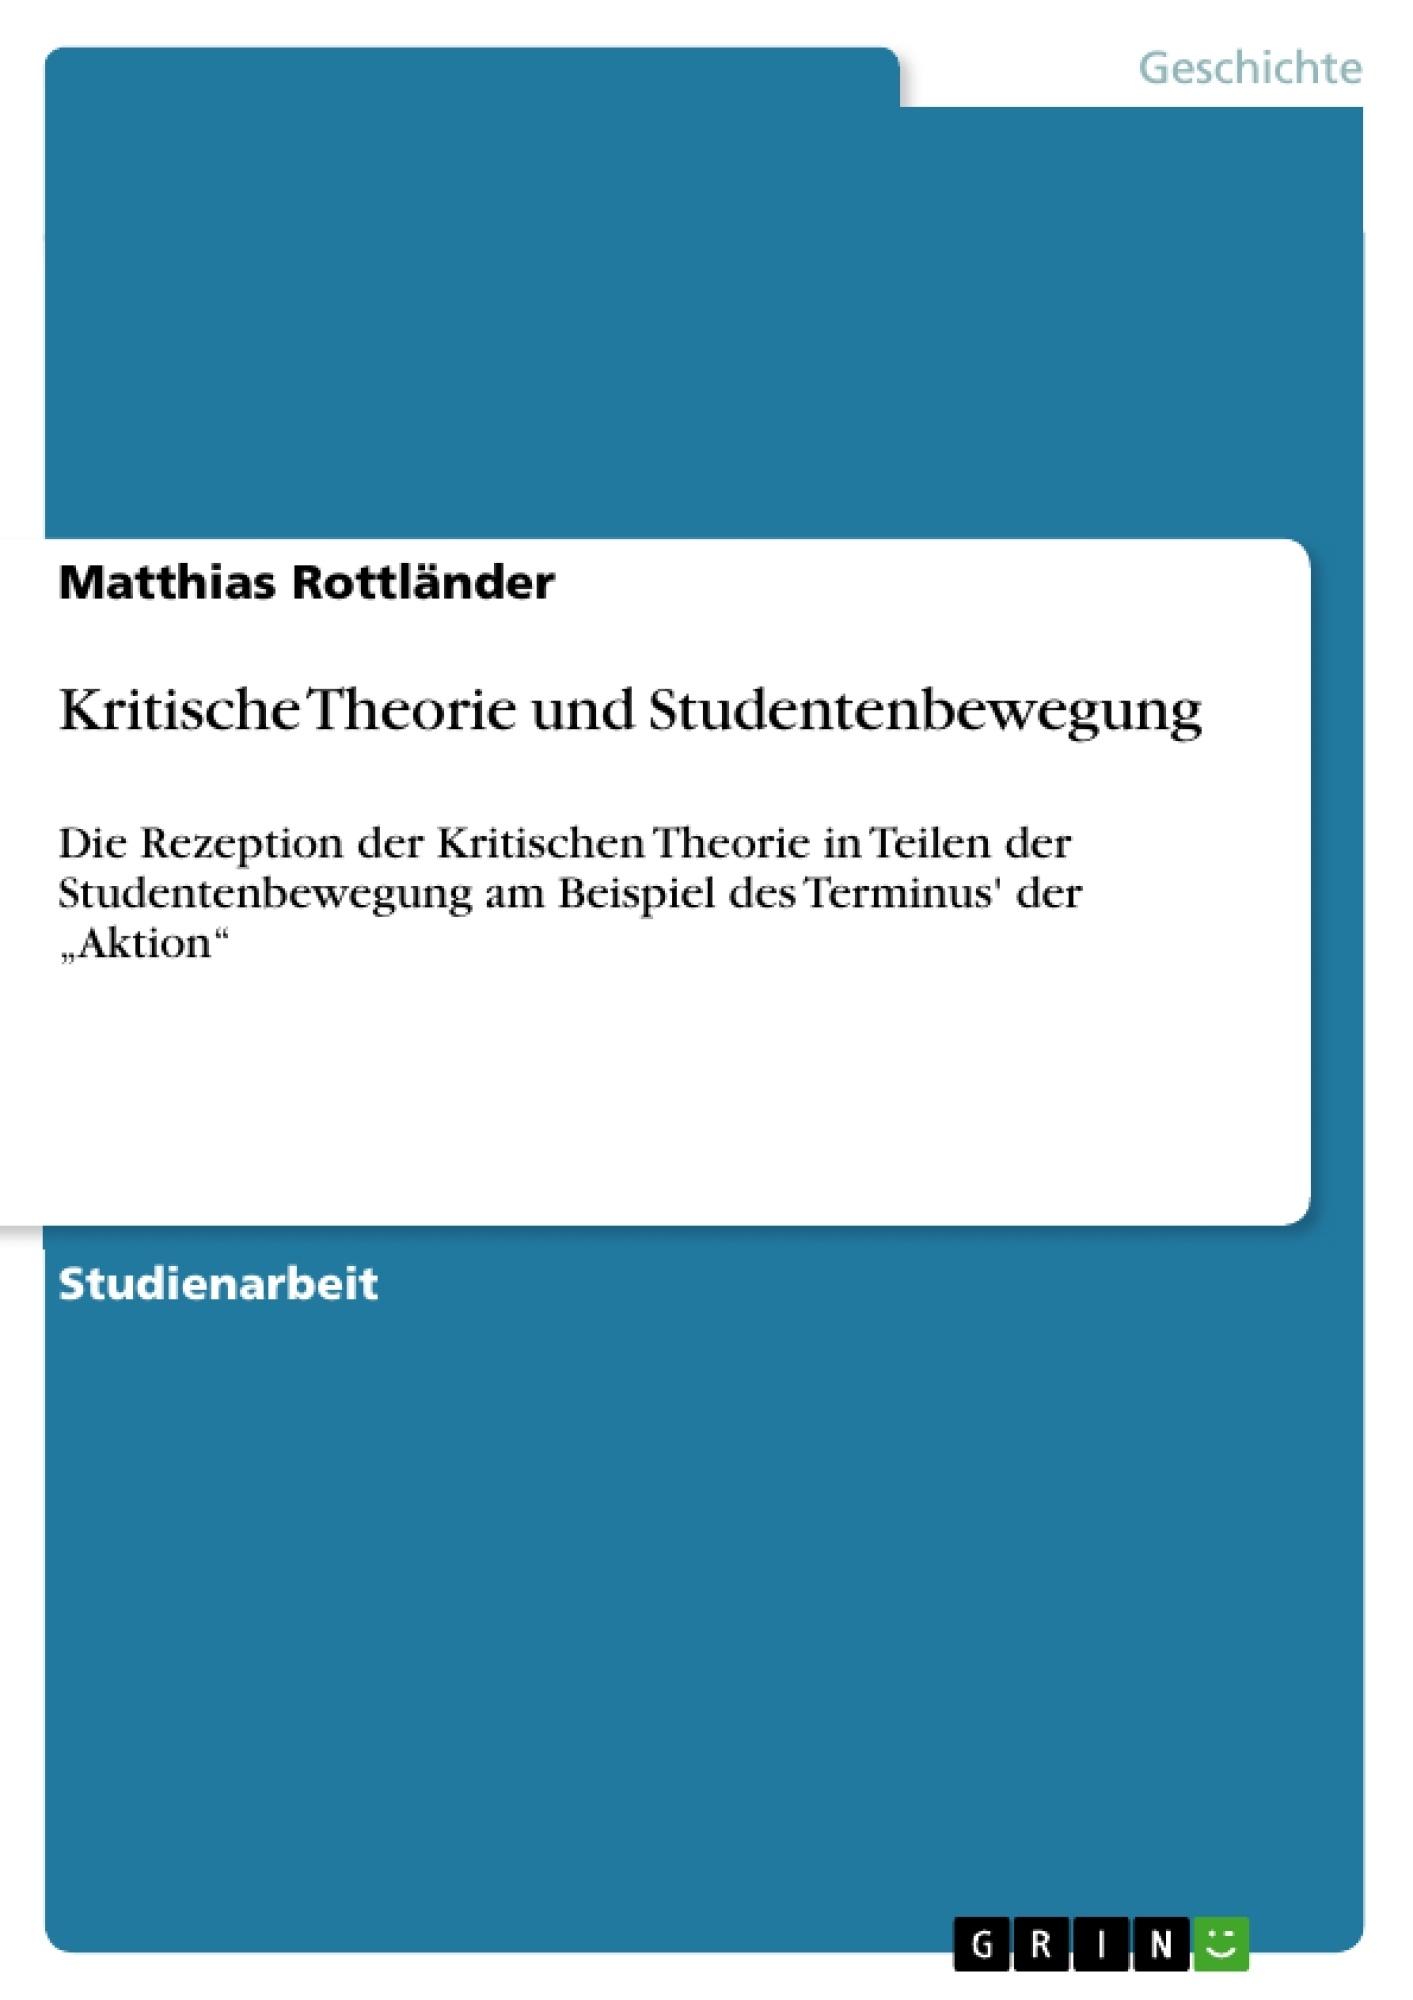 Titel: Kritische Theorie und Studentenbewegung